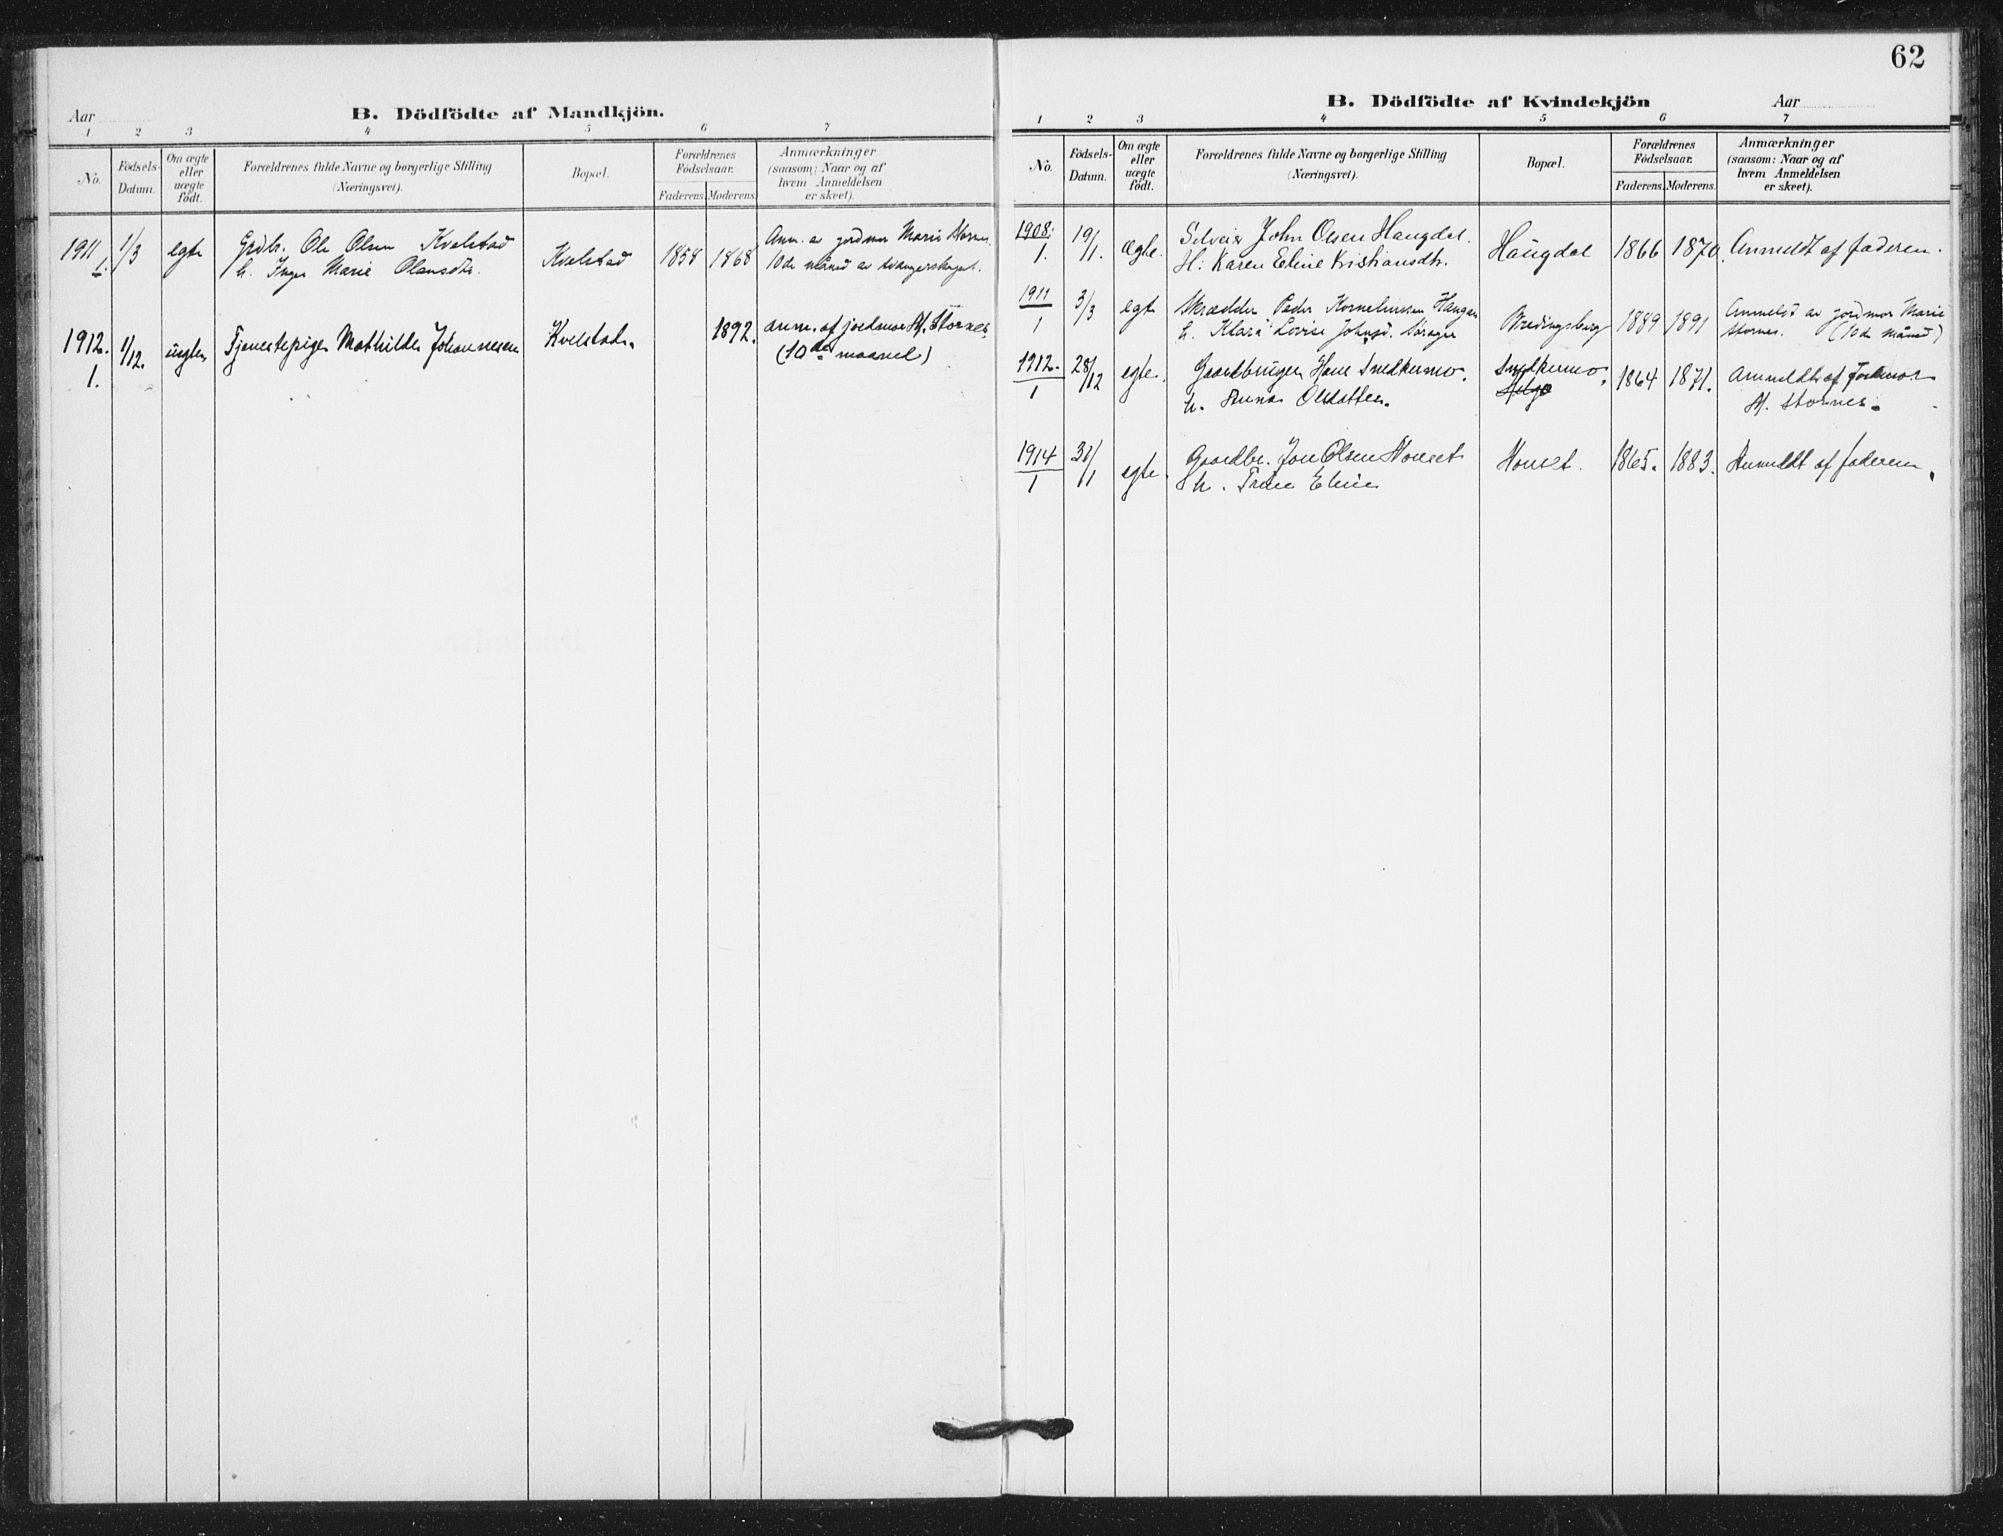 SAT, Ministerialprotokoller, klokkerbøker og fødselsregistre - Nord-Trøndelag, 724/L0264: Ministerialbok nr. 724A02, 1908-1915, s. 62